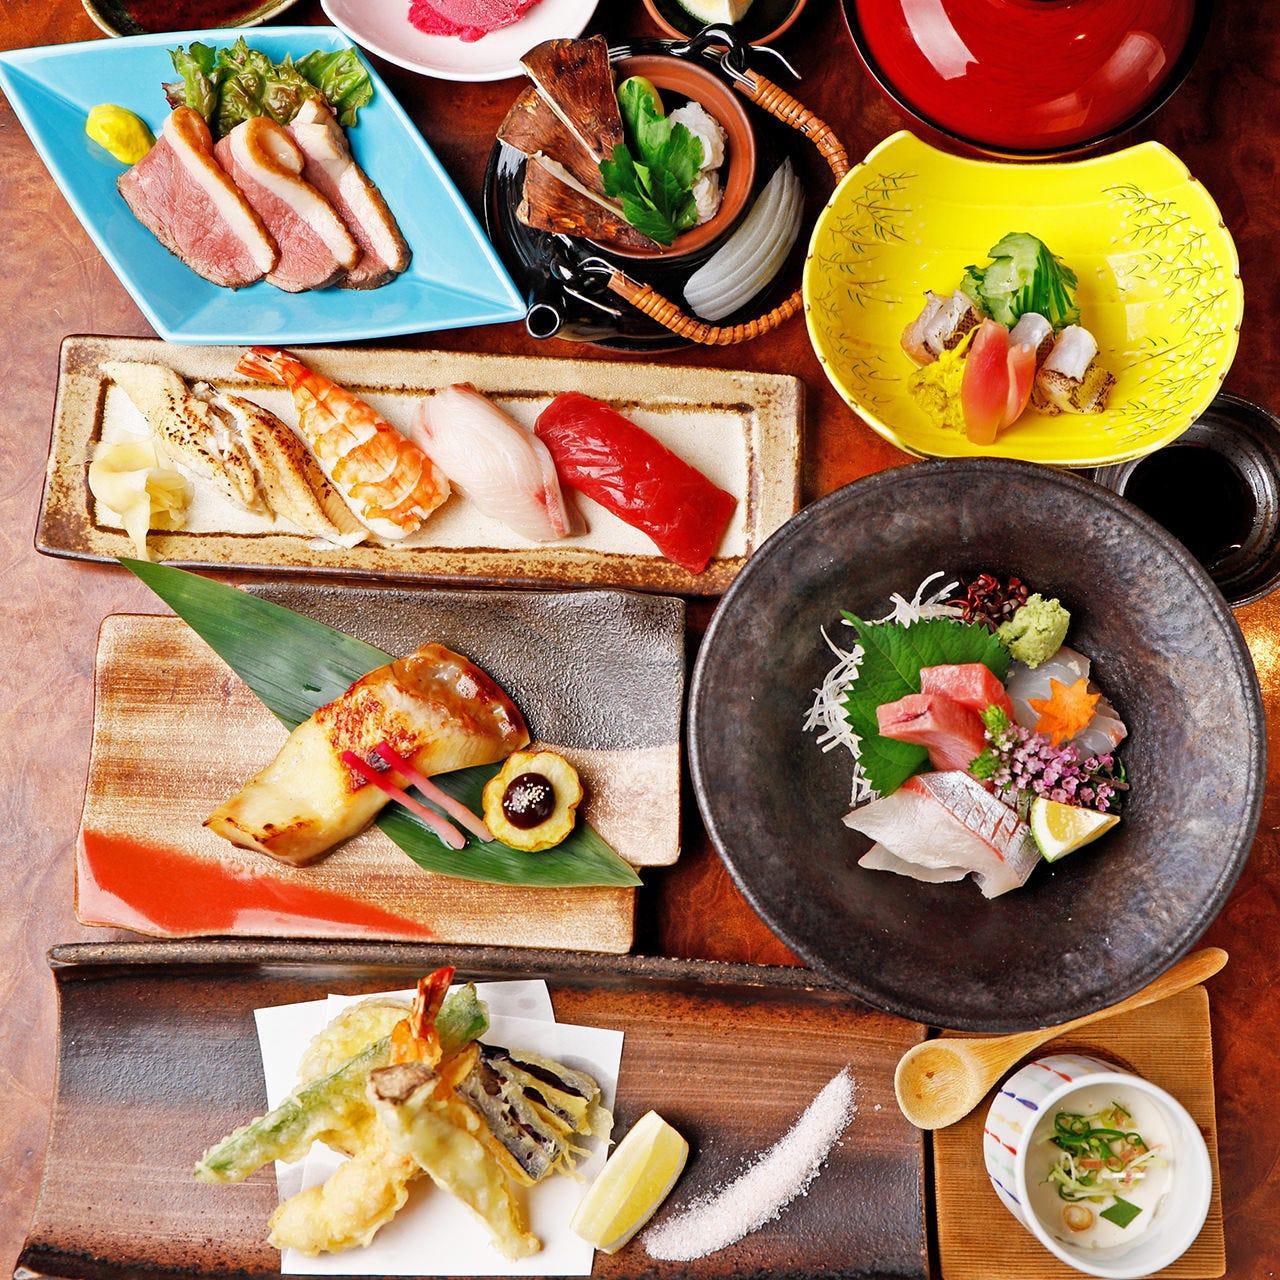 旬味盛りだくさん!造り、焼、揚etc.〆は自慢の寿司をどうぞ!